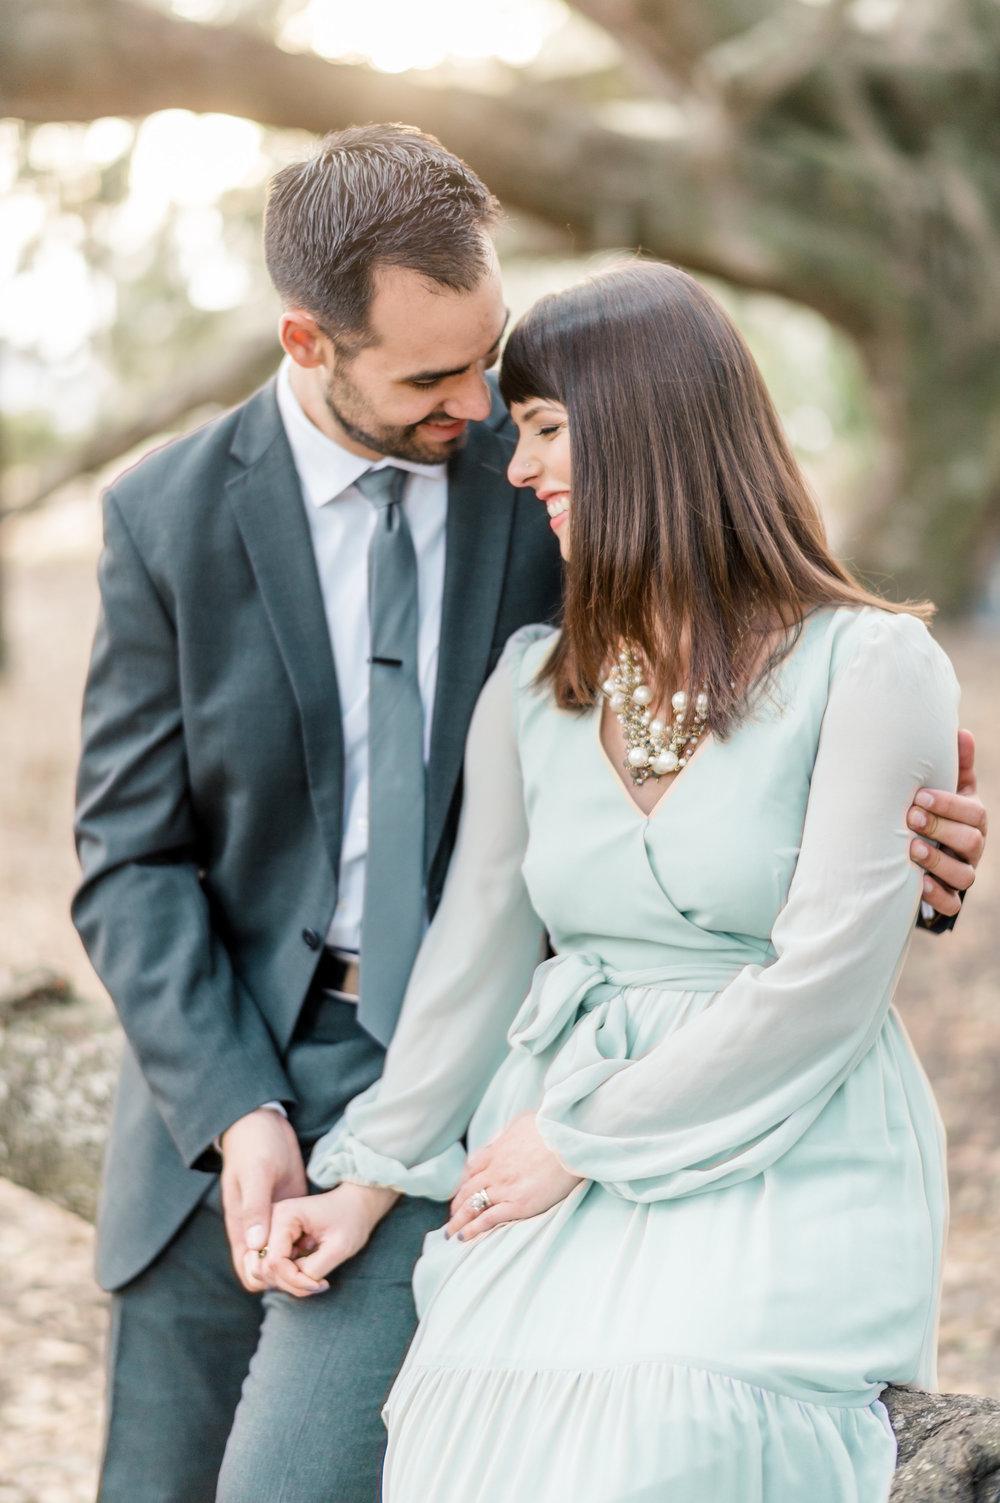 Stephen-Chelsey-5th-Wedding-Anniversary-Lauren-Swann-0064.jpg